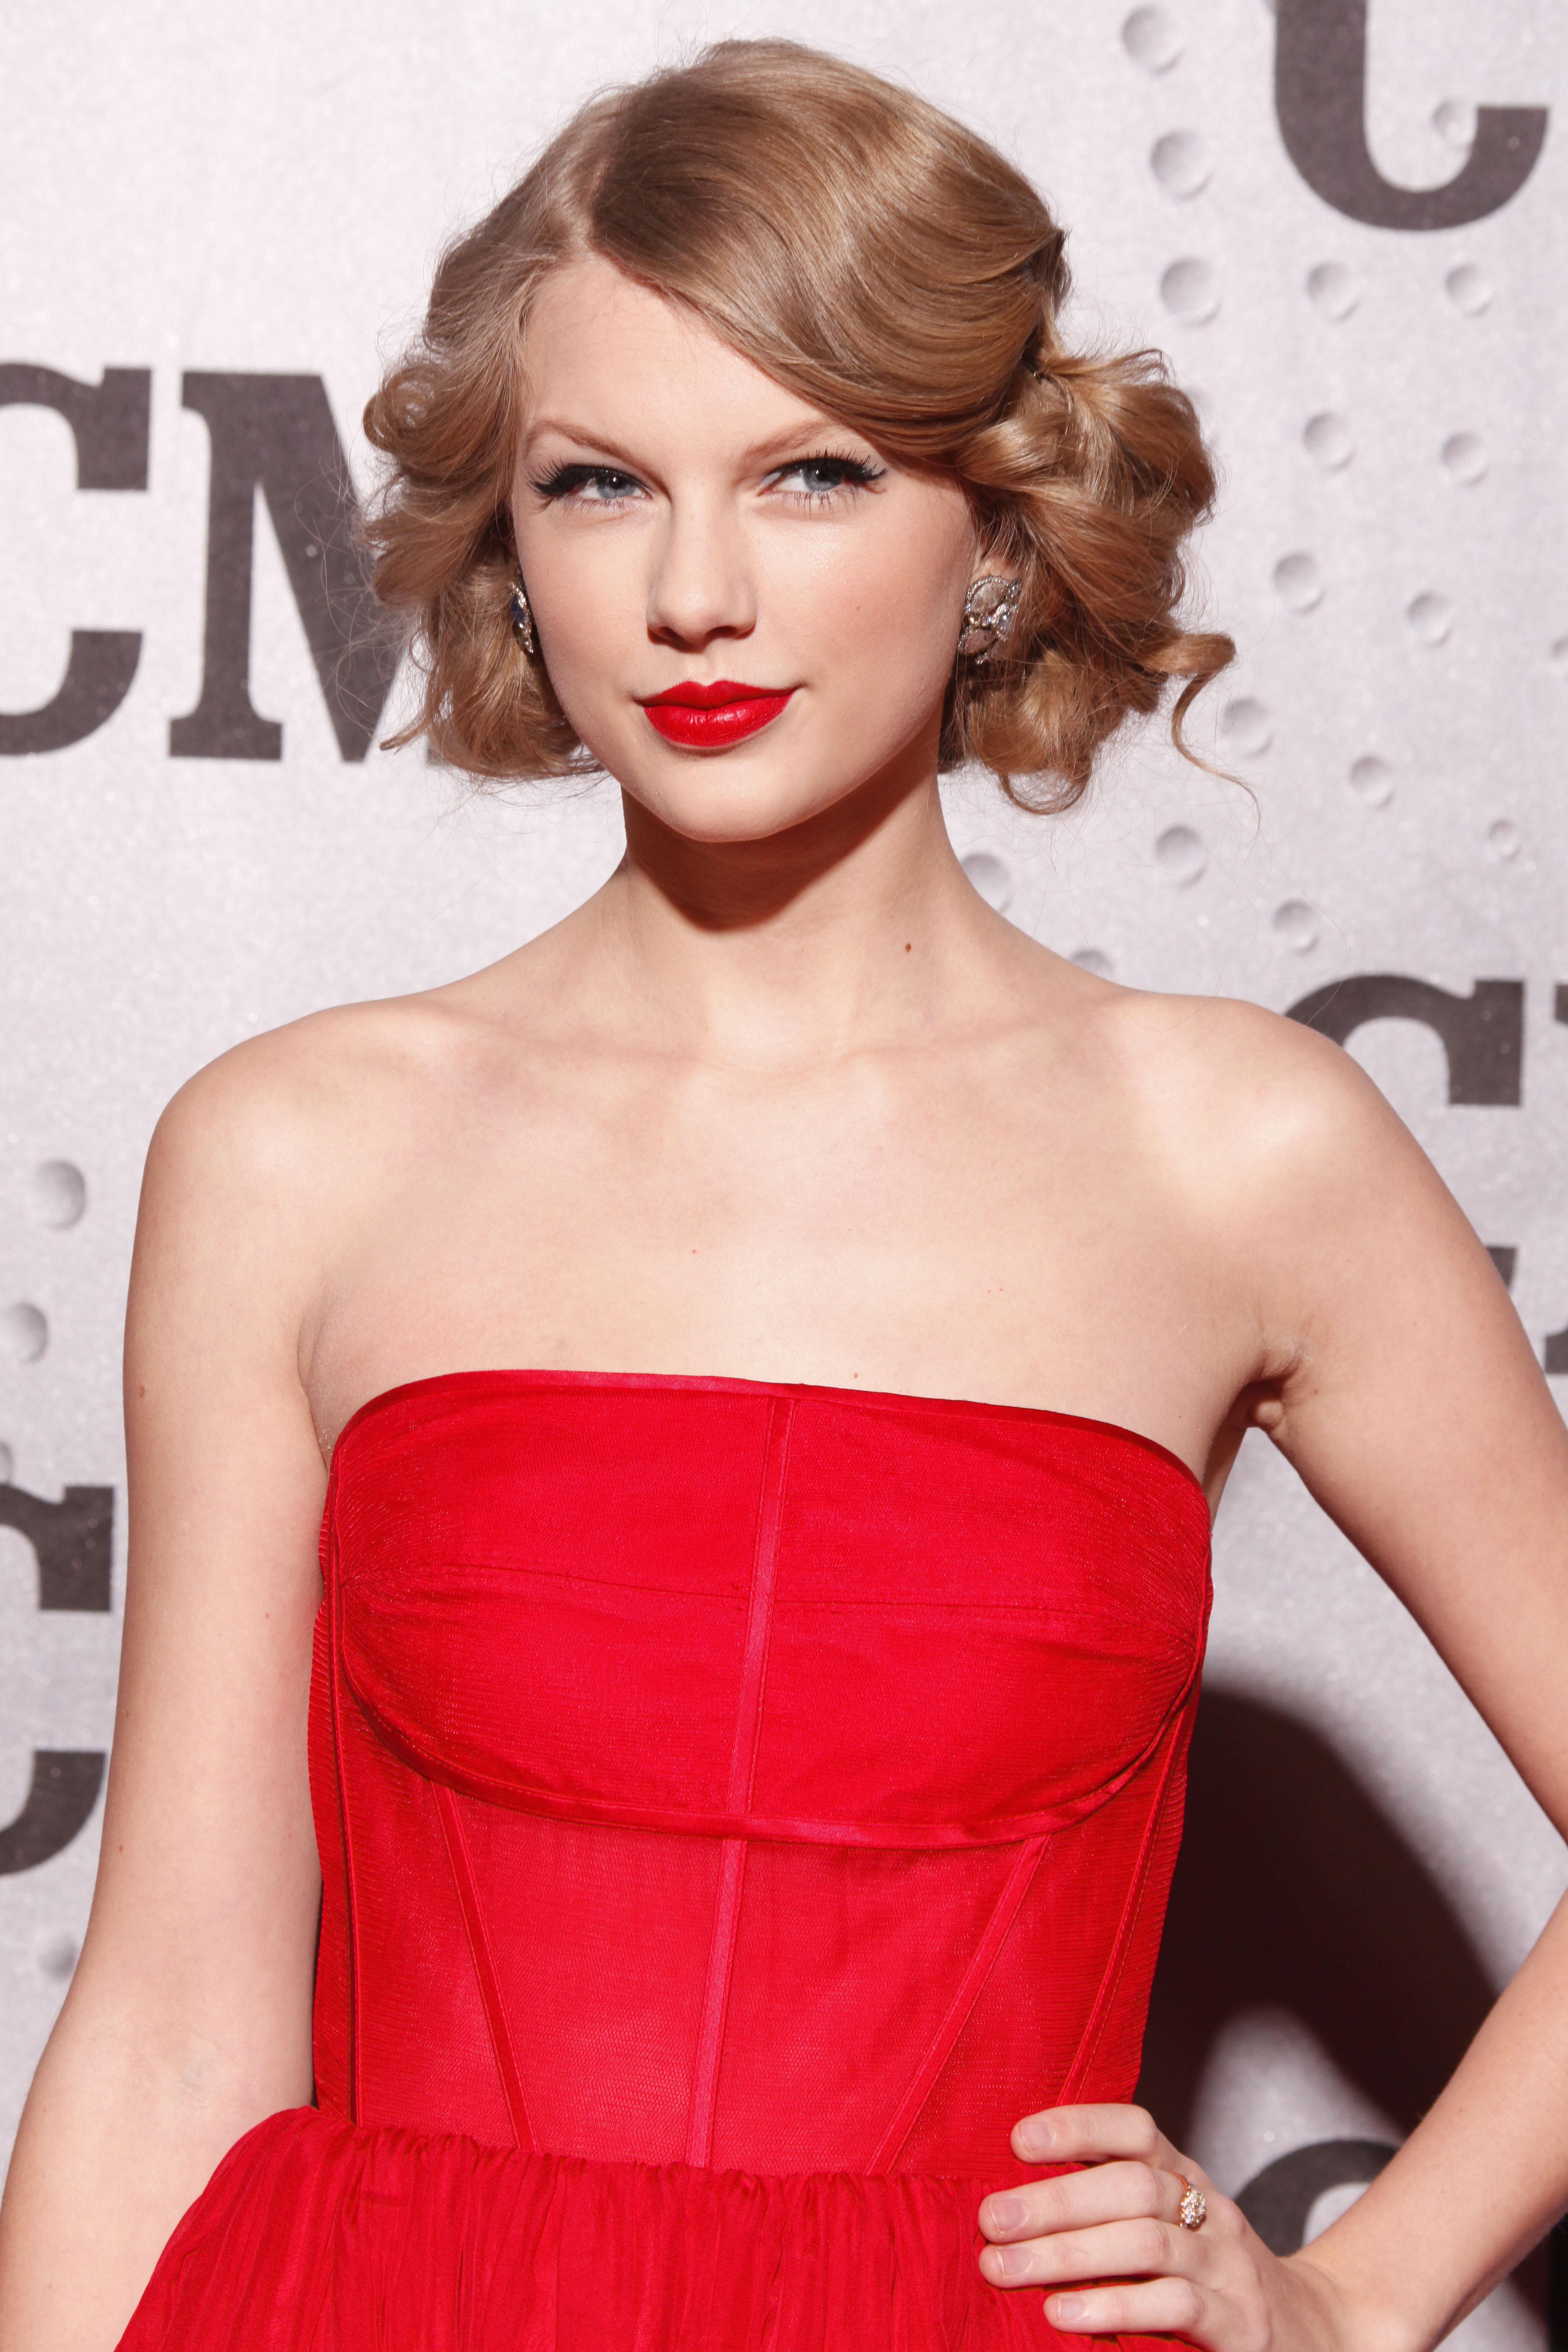 Le rouge à lèvres rouge pour un effet sexy en soirée